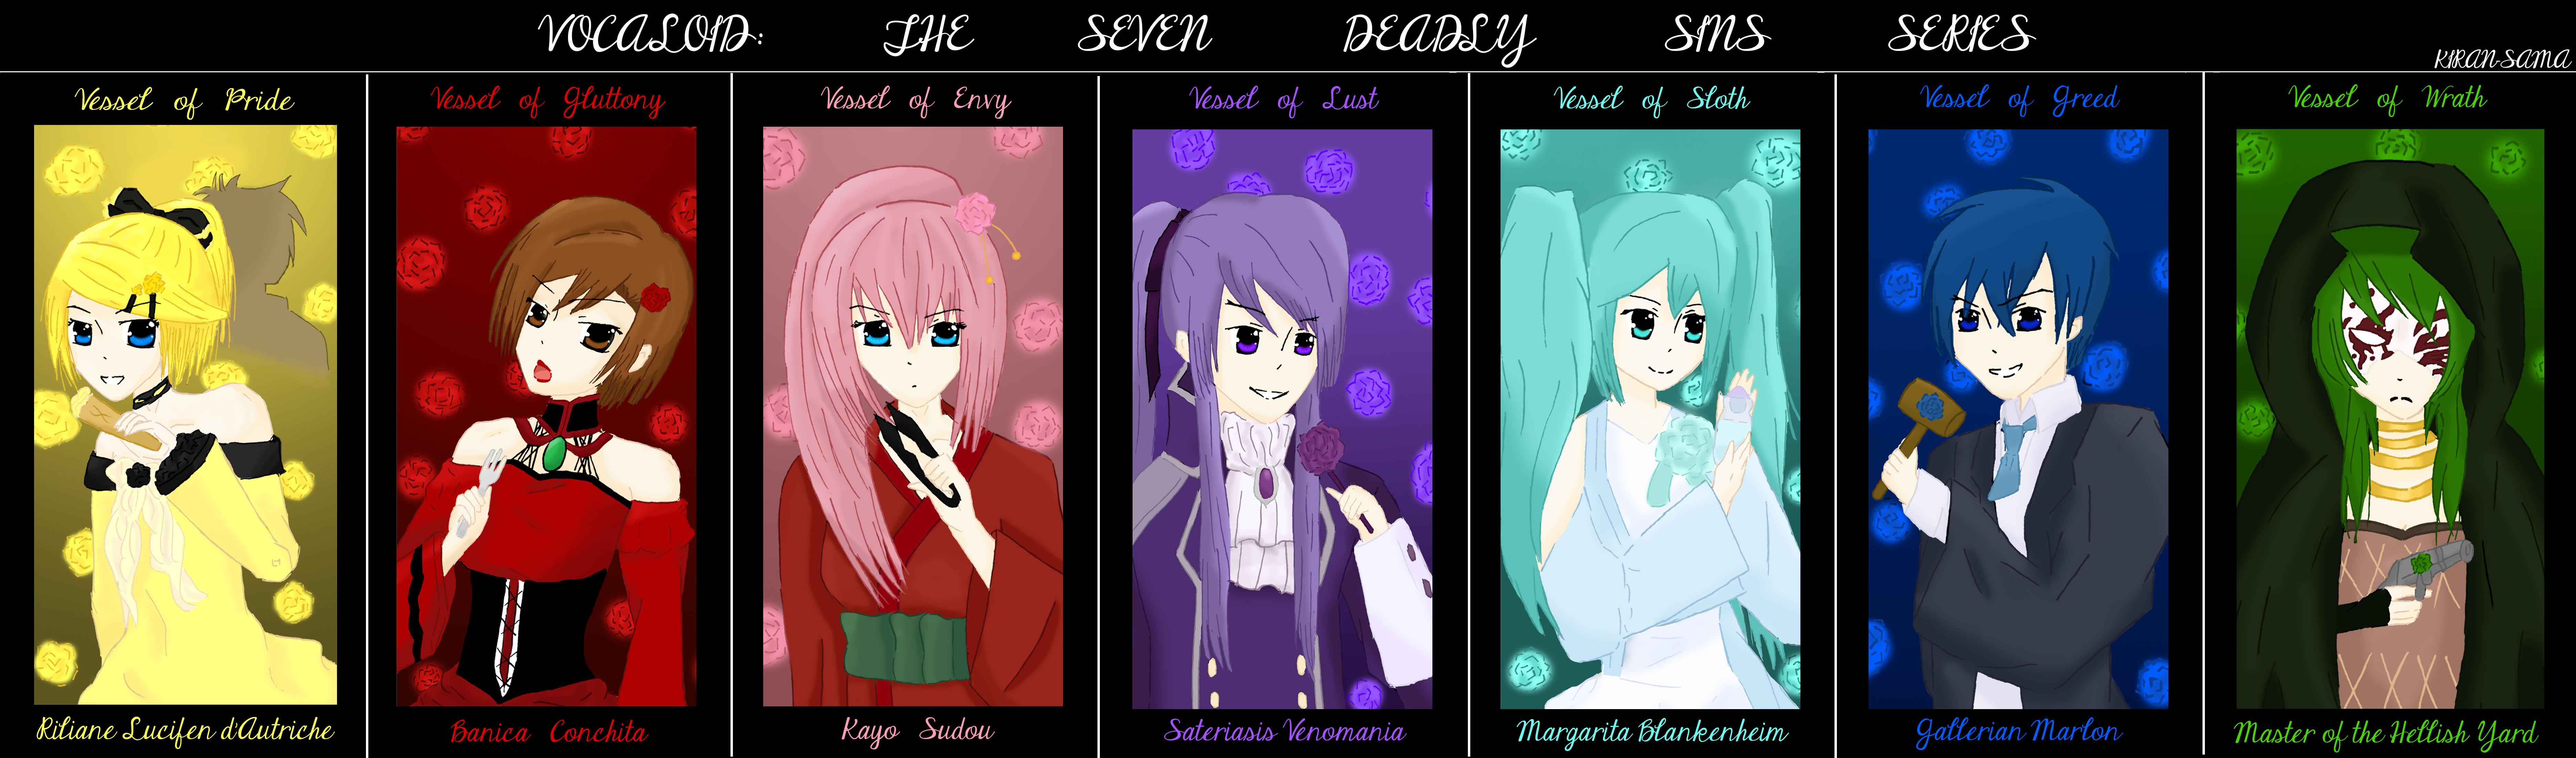 CE  Vocaloid Seven Deadly Sins Series by KiranKon 7483x2202